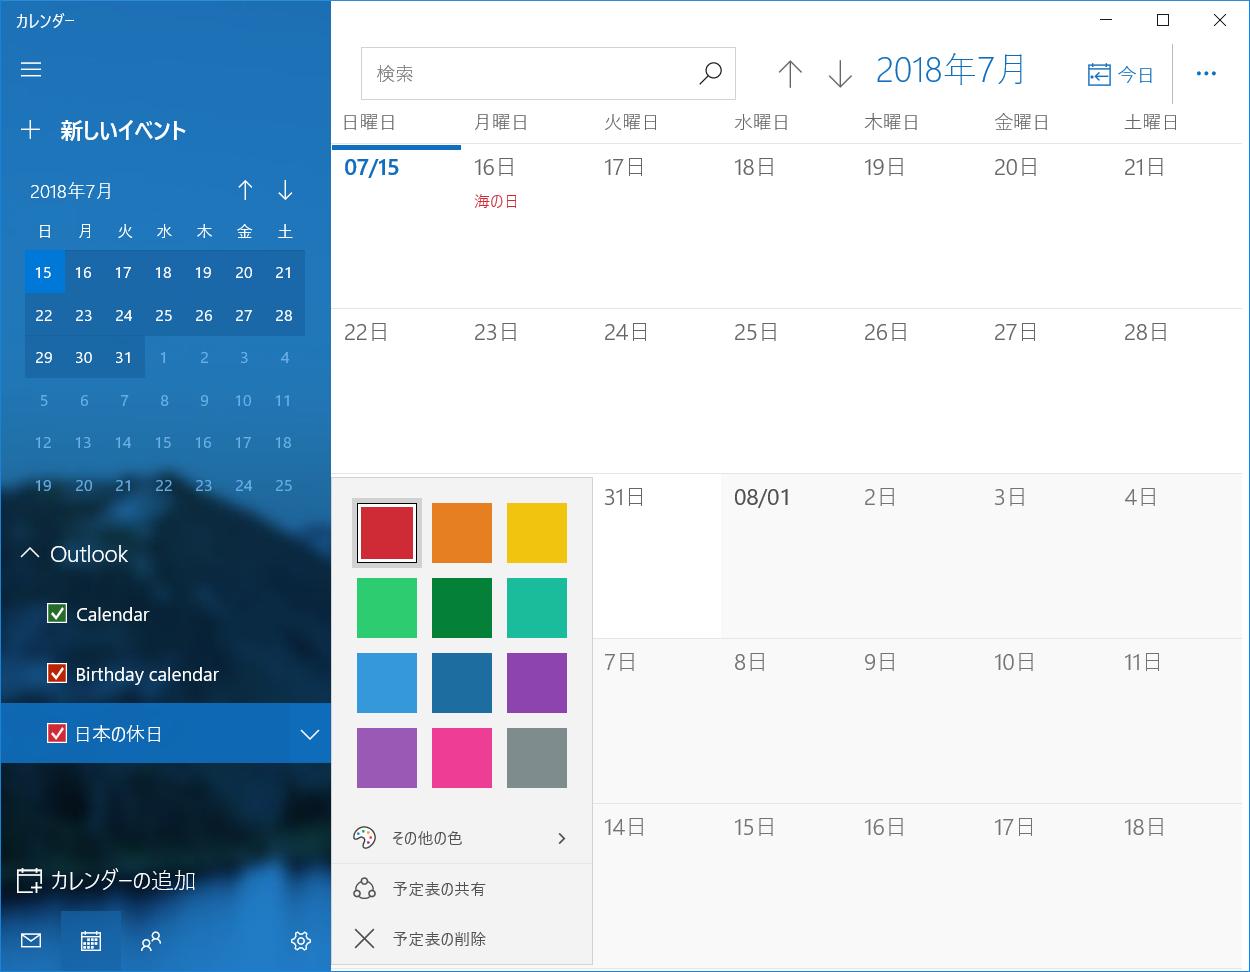 サイドバーにあるカレンダーの一覧で、変更したいカレンダーの右端をクリックし、好みの色を選択する